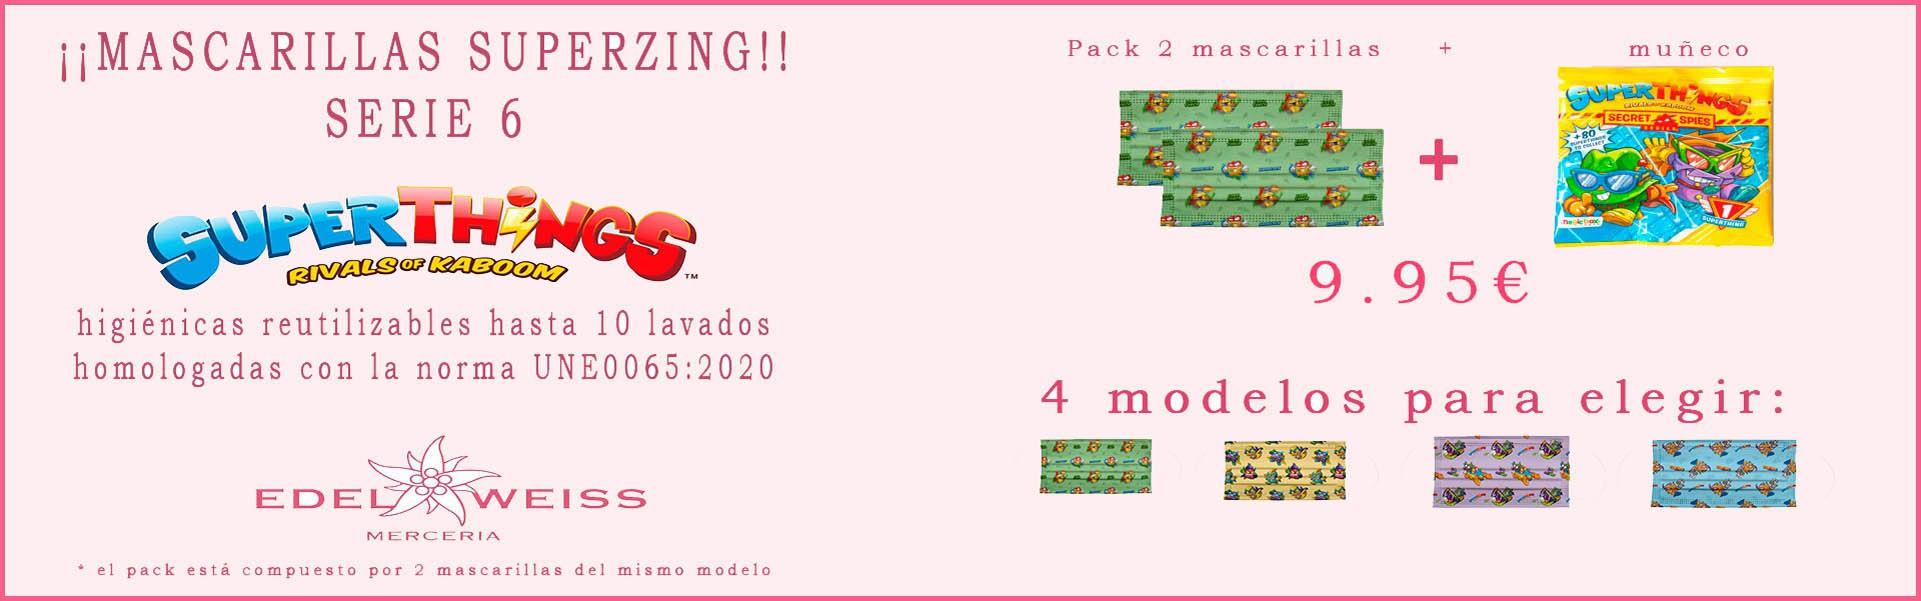 Edelweiss nueva web_Lanzamiento web